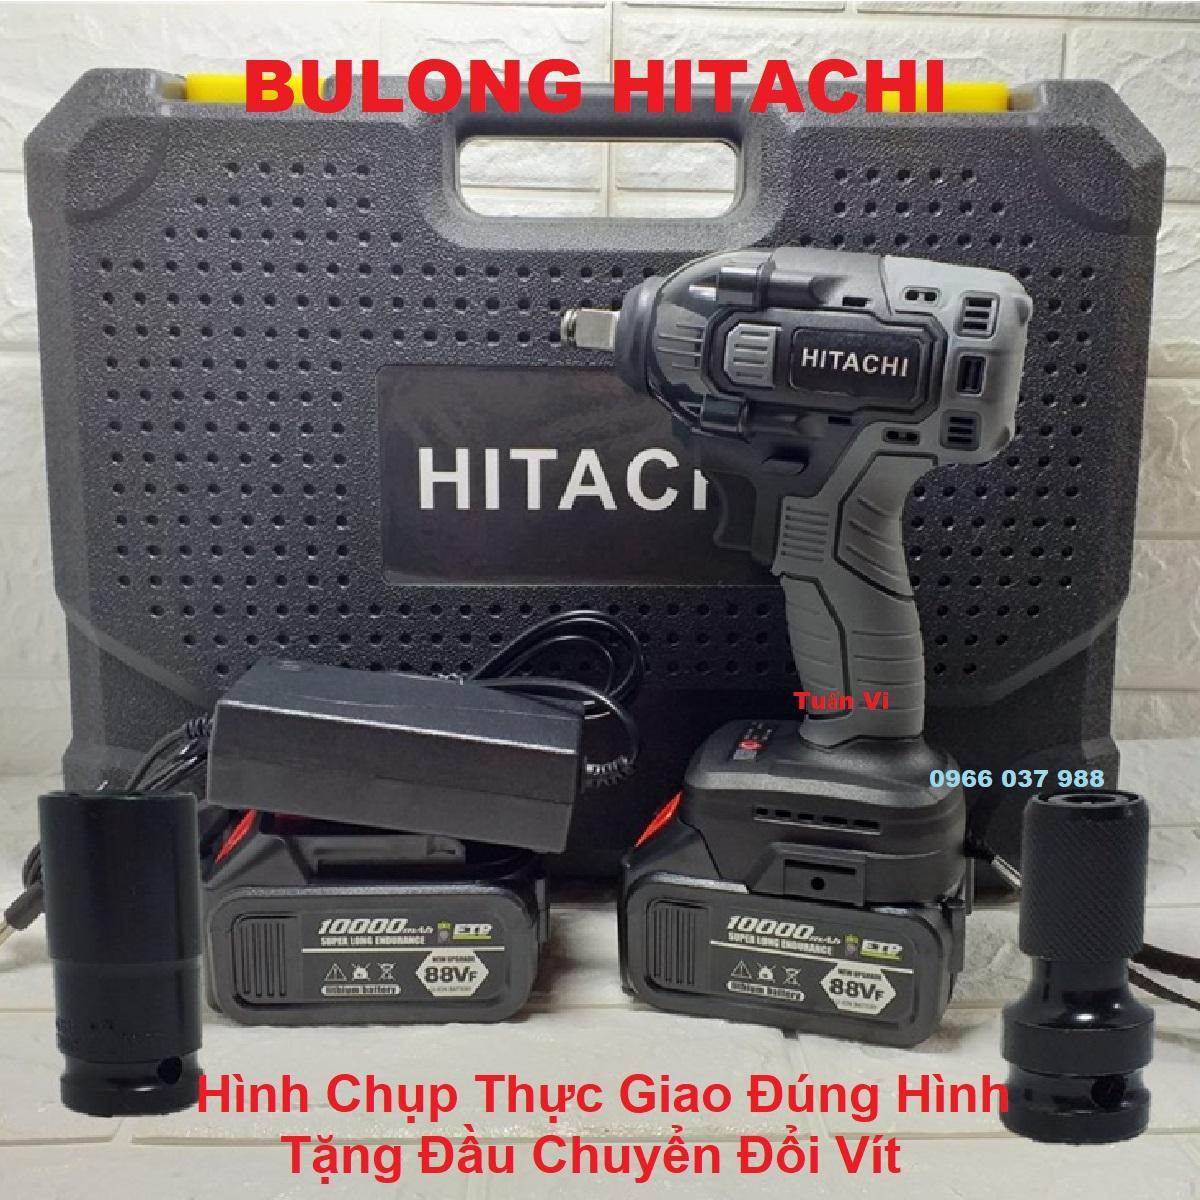 Máy Siết Bulong Hitachi Dùng Pin Không Chổi Than-Tặng Đầu Chyển Đổi Đầu Vít